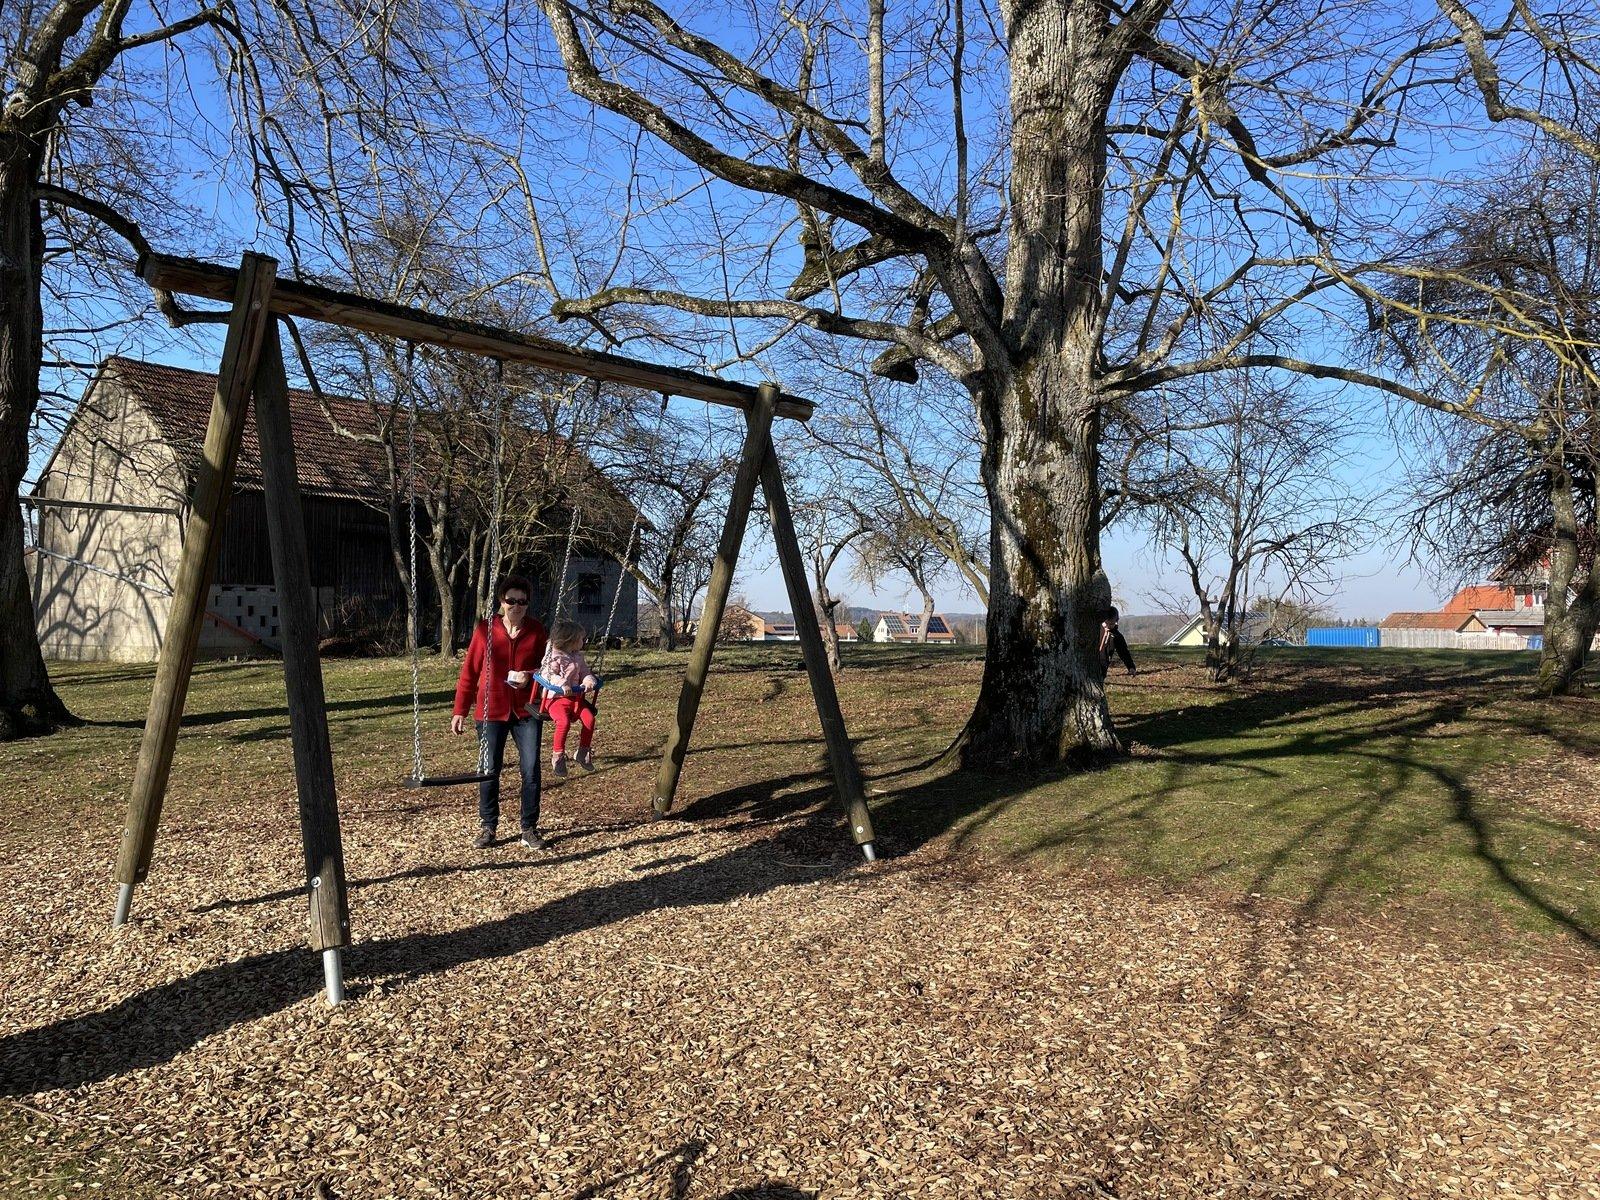 Eine Person mit roter Jacke steht an einer Schaukel und schupst ein Kleinkind auf der Schaukel an